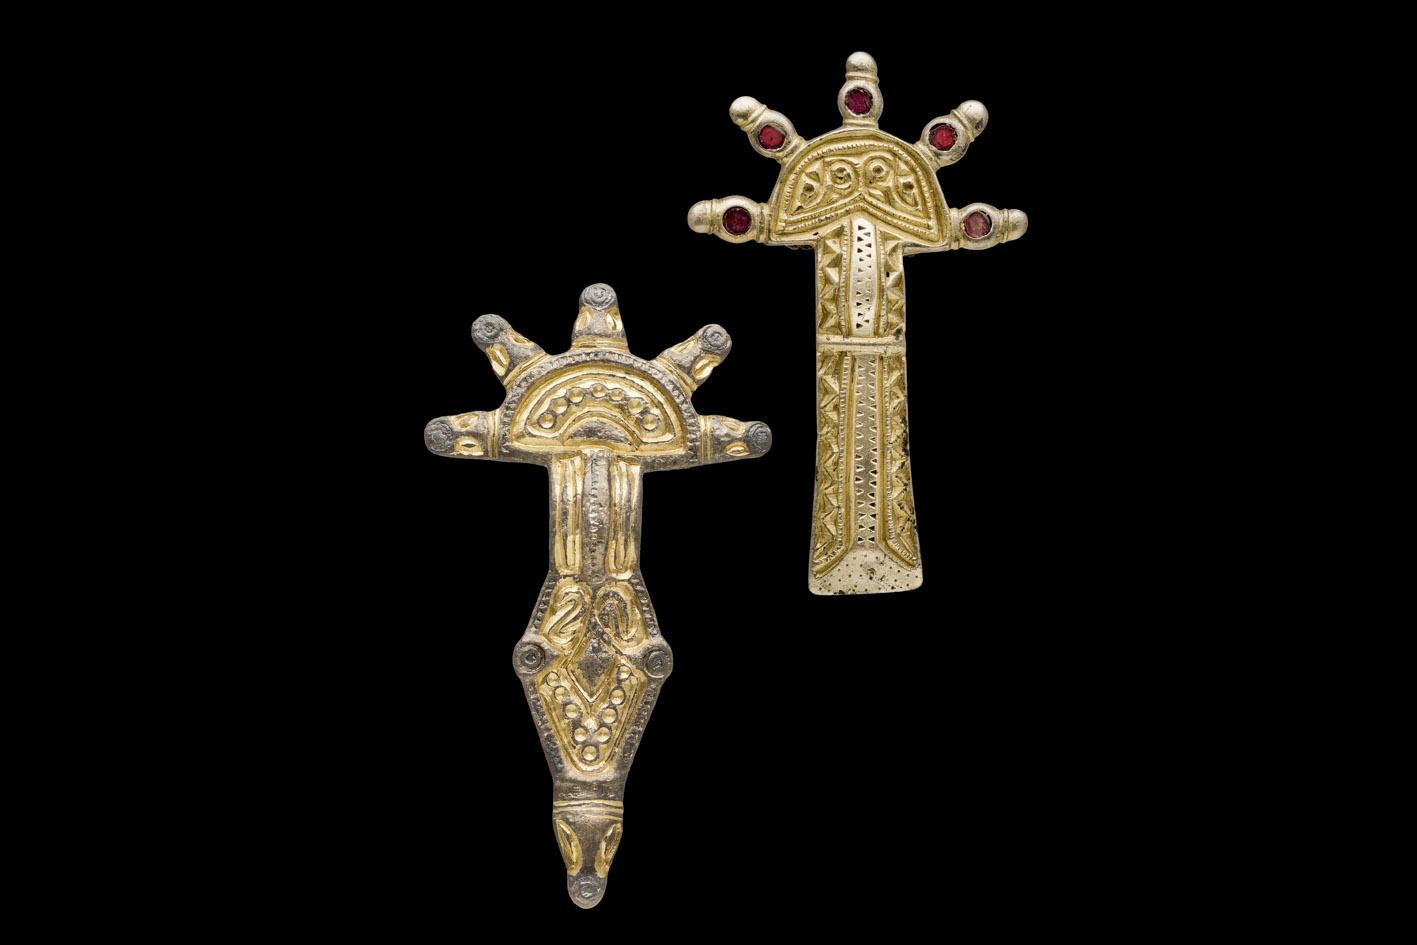 Zwei goldene Gewandspangen mit strahlenförmigen Köpfen und roten Schmucksteinen